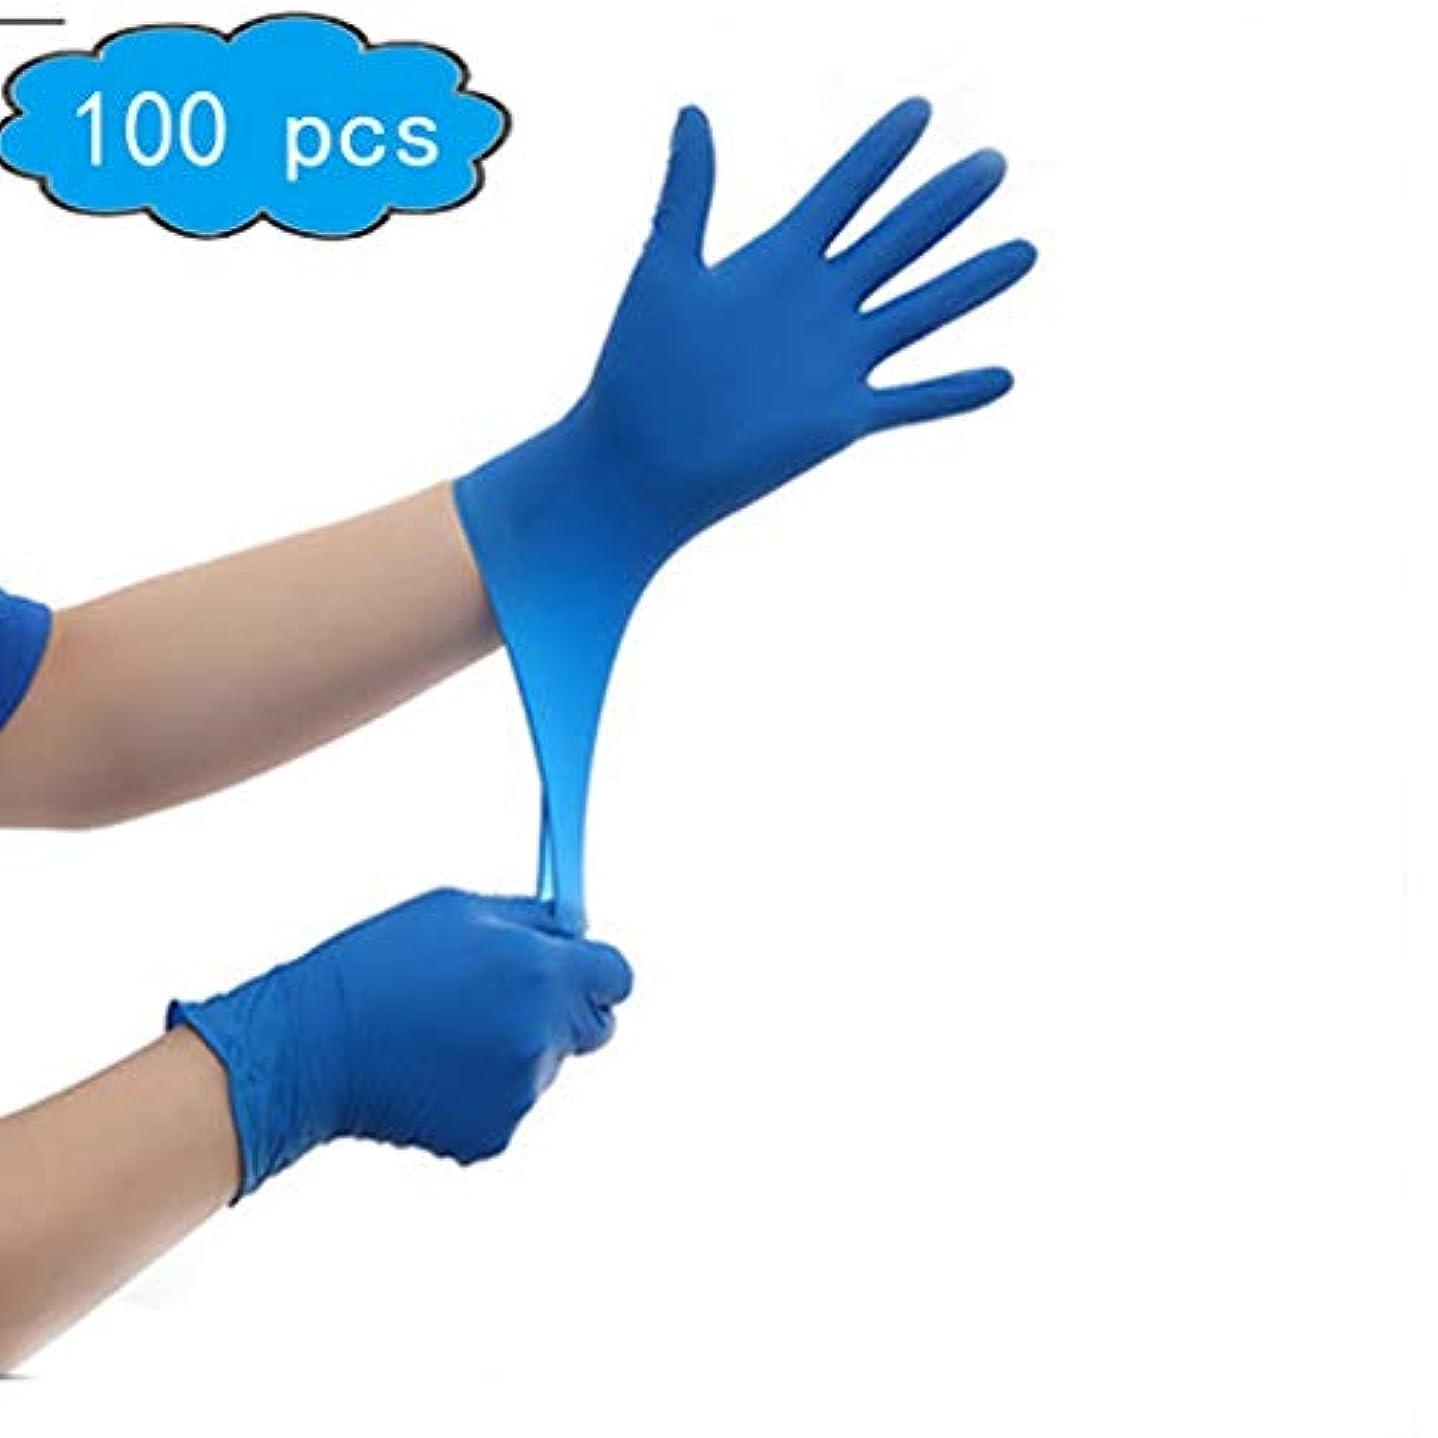 バラバラにする経由で下に向けます使い捨て丁清手袋 - テクスチャード加工、サニタリー手袋、応急処置用品、大型、100箱入り、食品ケータリング家事使い捨て手袋 (Color : Blue, Size : XS)